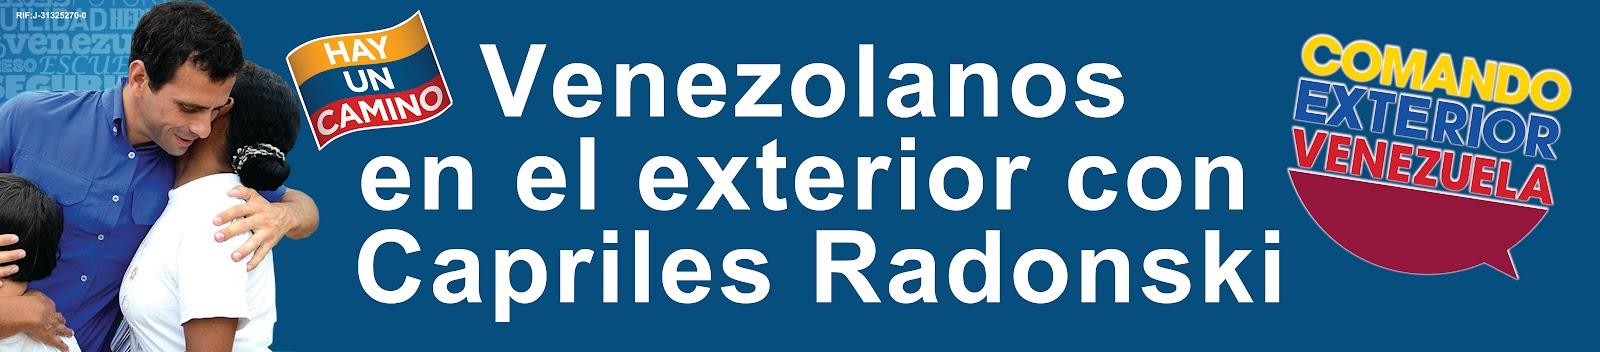 Venezolanos siempre nos inscribimos el 10 de junio for Venezolanos en el exterior